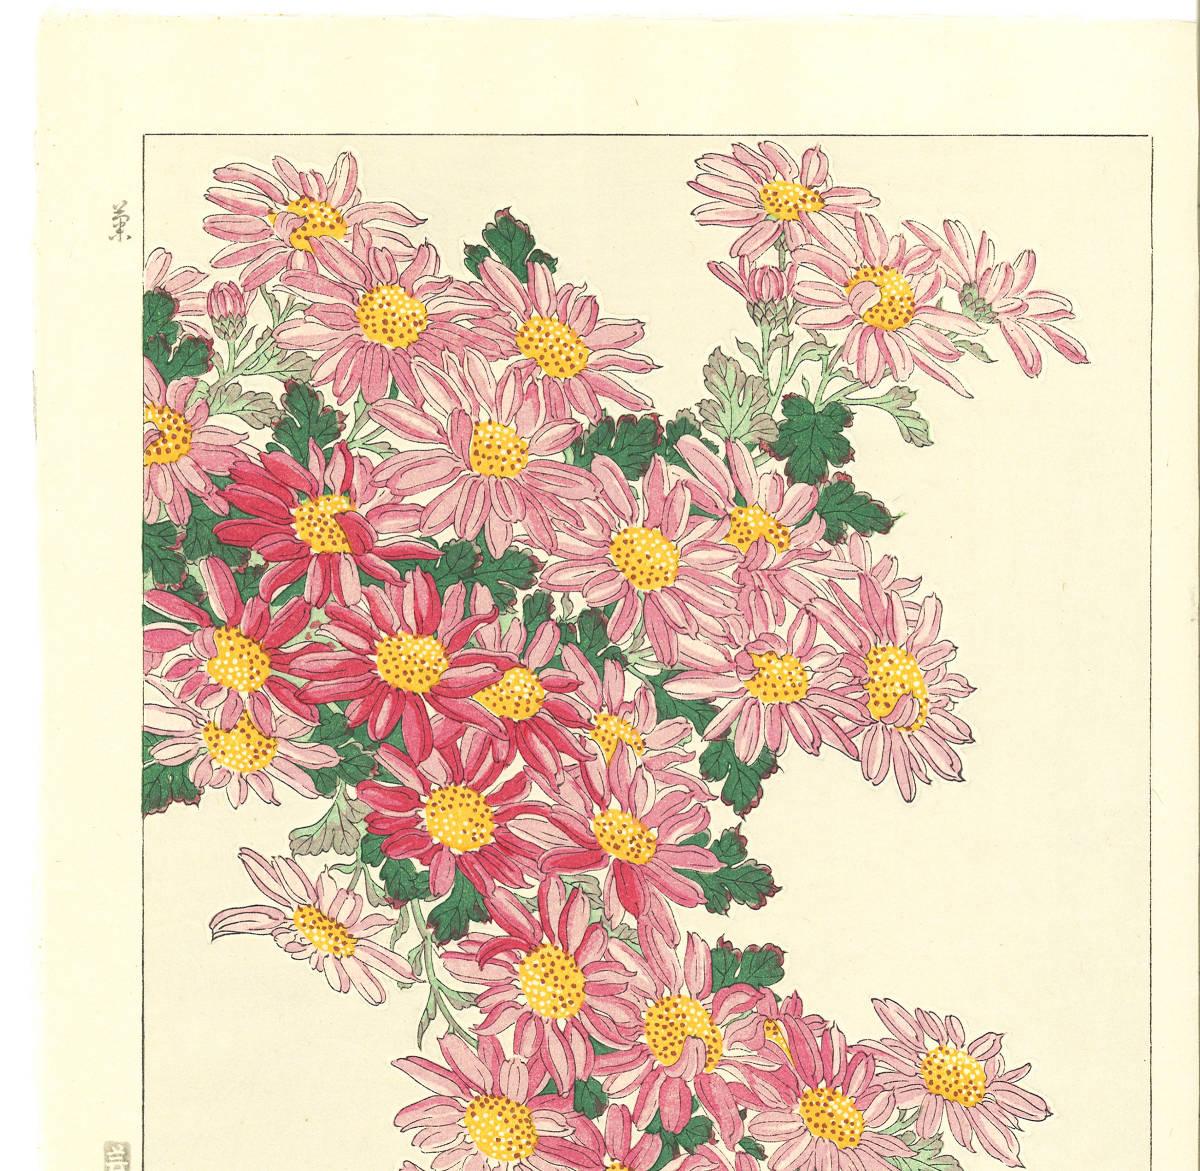 河原崎奨堂 (Kawarazaki Shodo) (1899~1973)木版画 F036 菊 花版画(Chrysanthemum)初版昭和初期~京都の一流の摺師の技をご堪能下さい_画像3